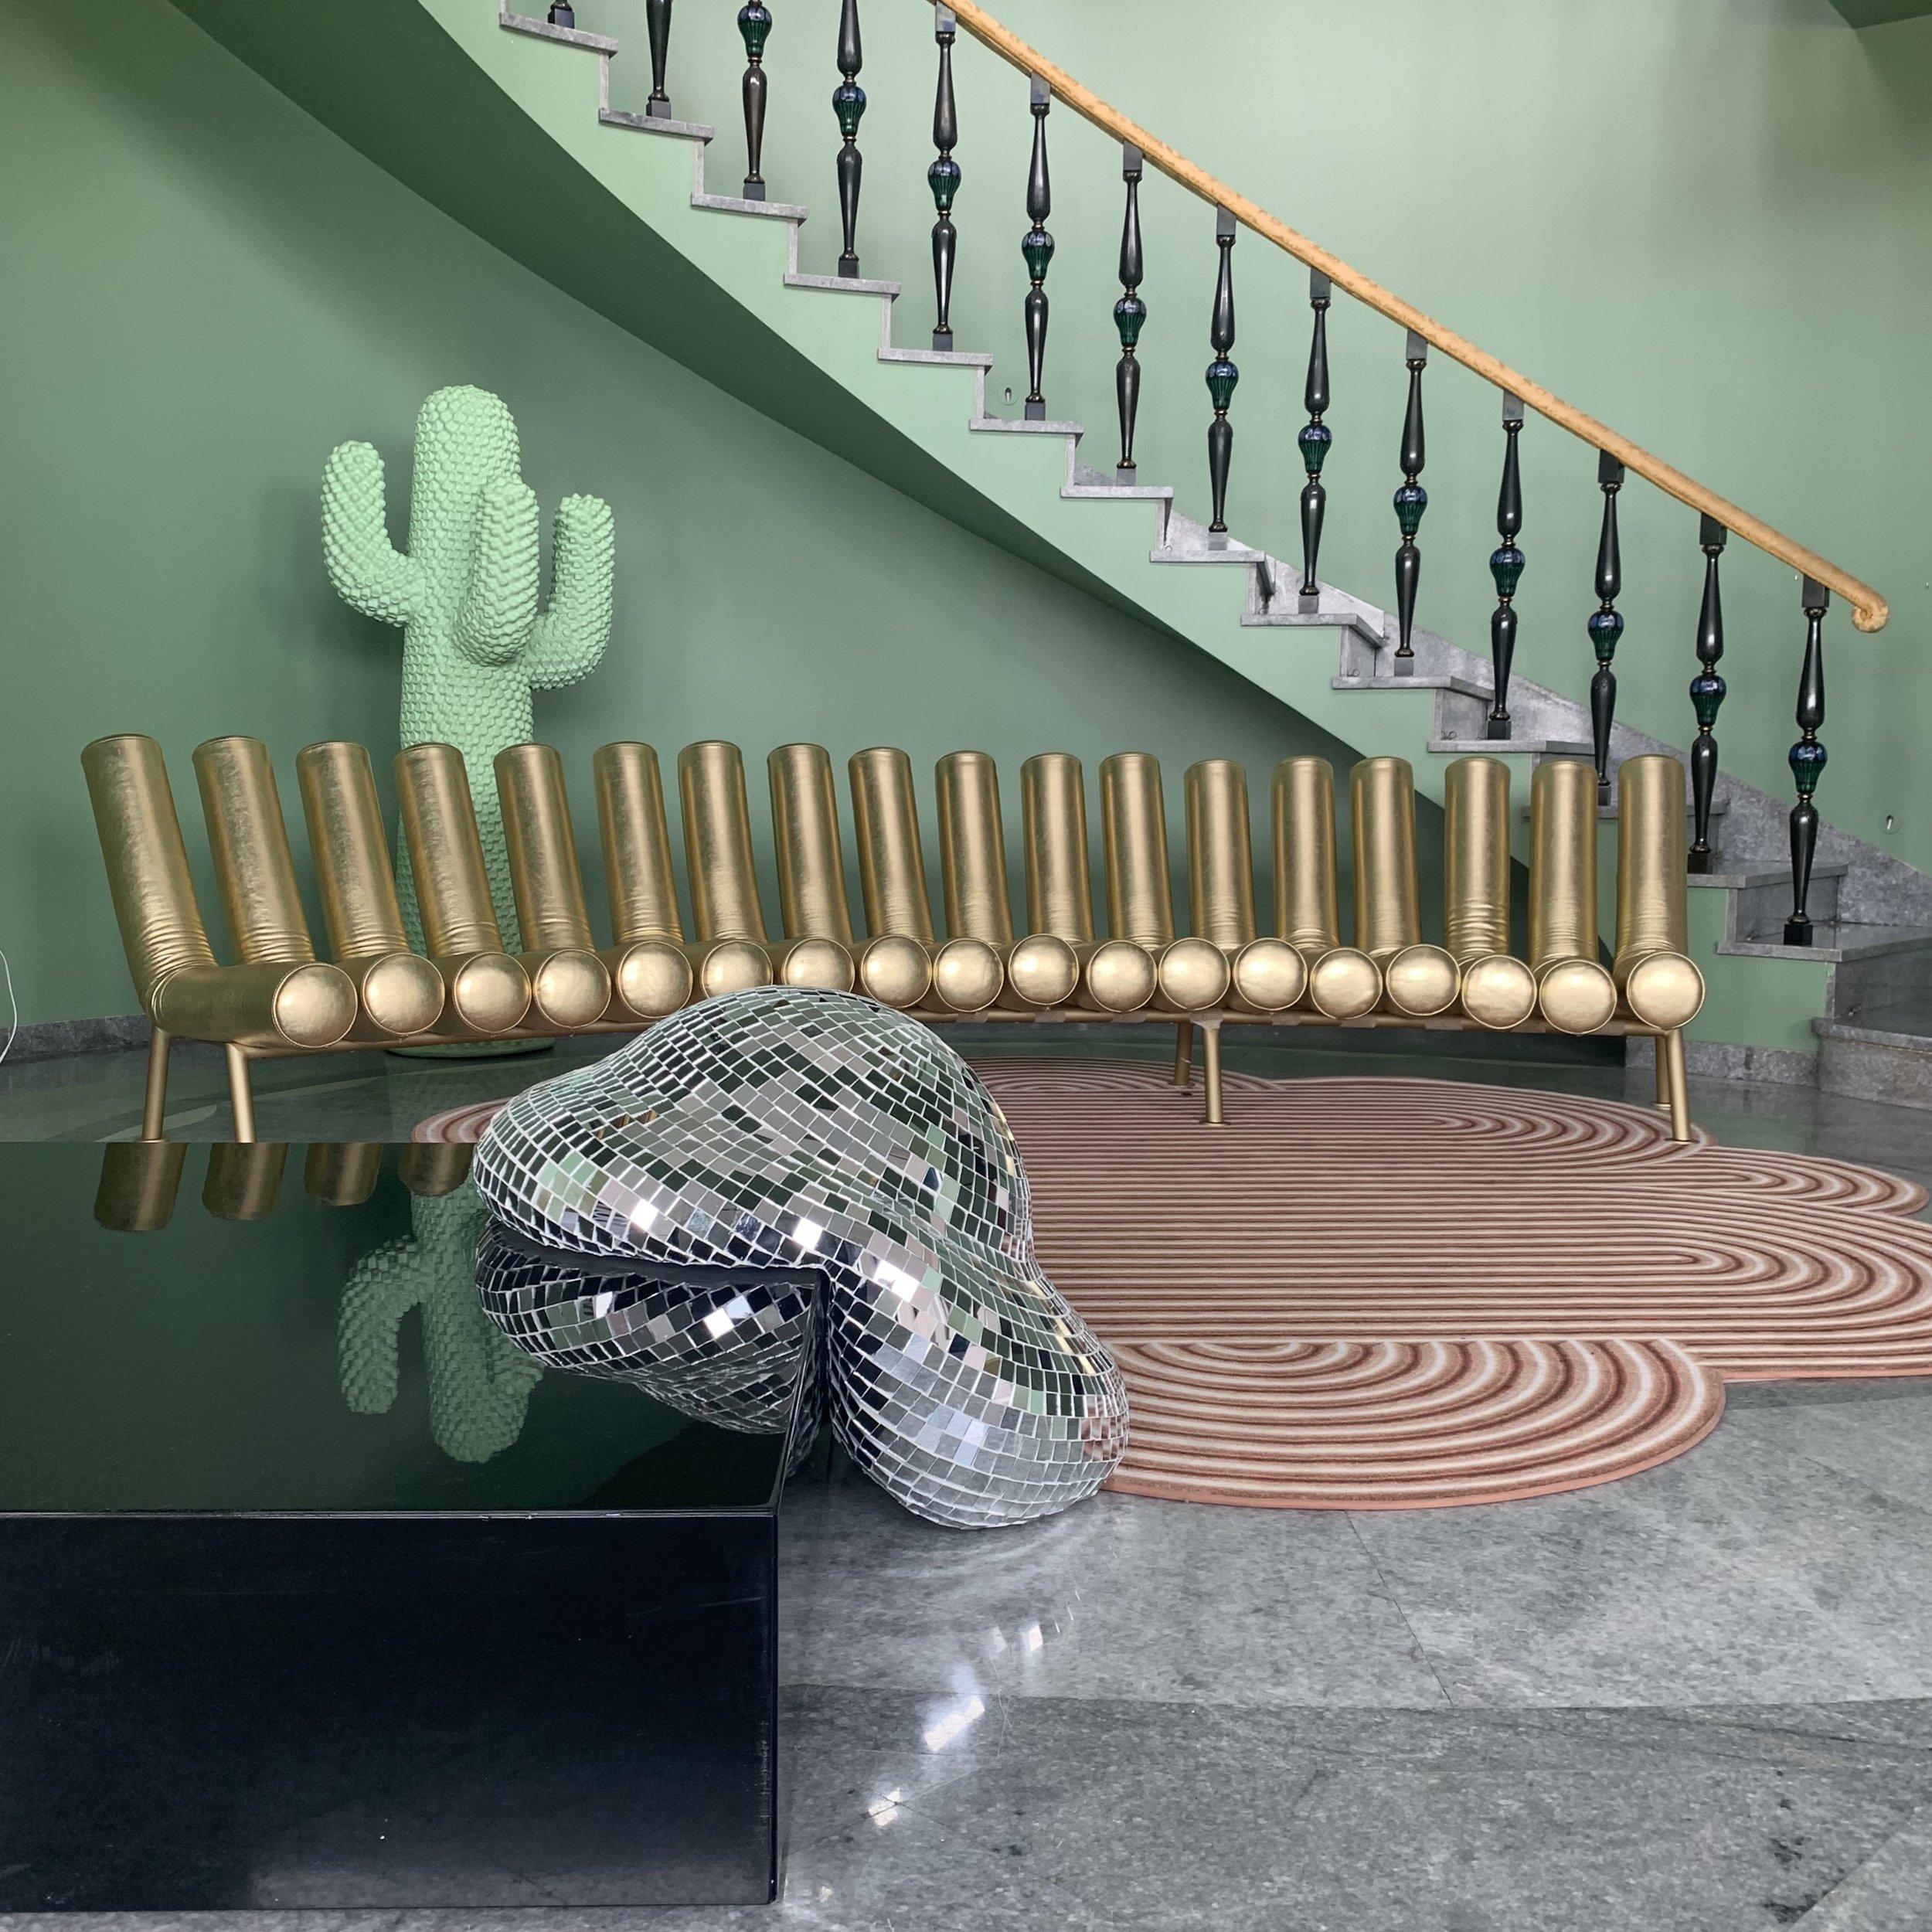 032 Salone del Mobile 2019 Lex de gooijer interiors rotterdam.jpg